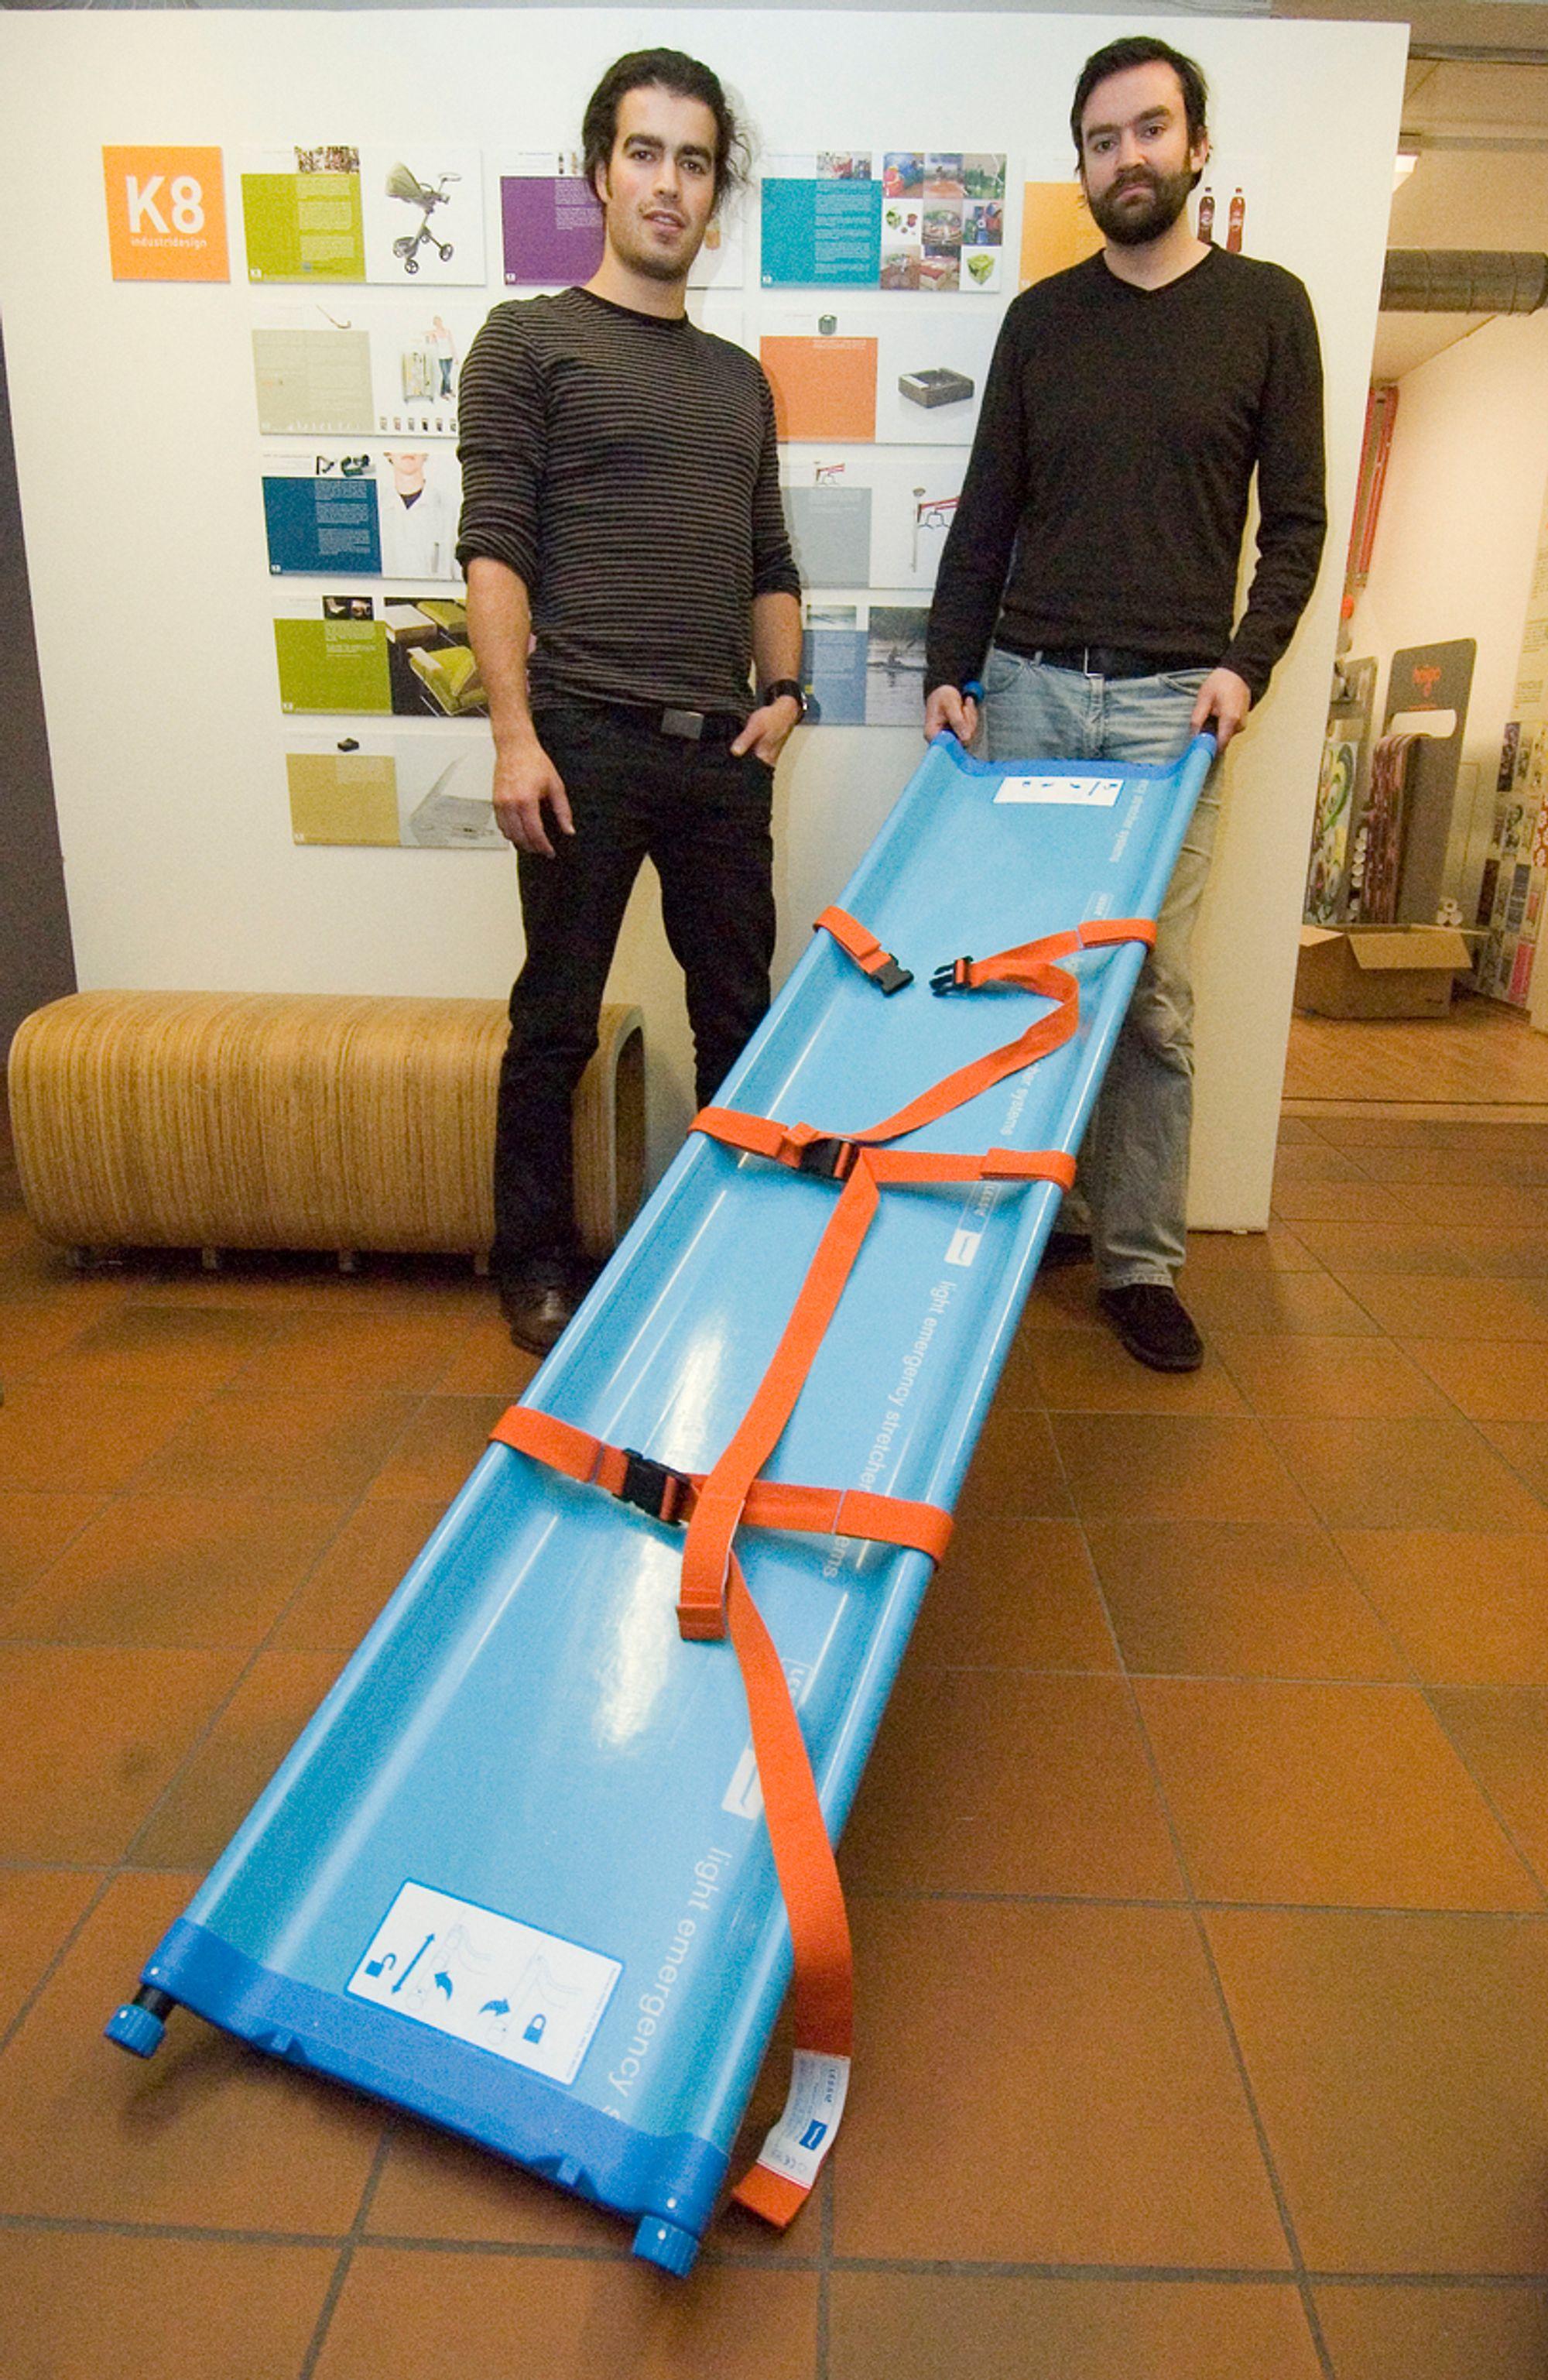 BÅRE: Industridesignerne Jørgen Leirdal (til venstre) og Mathias Hansson med pasientbåren LESS som nå er satt i produksjon og skal lanseres internasjonalt. Nylig mottok K8 et stipend for sitt arbeid med båren.